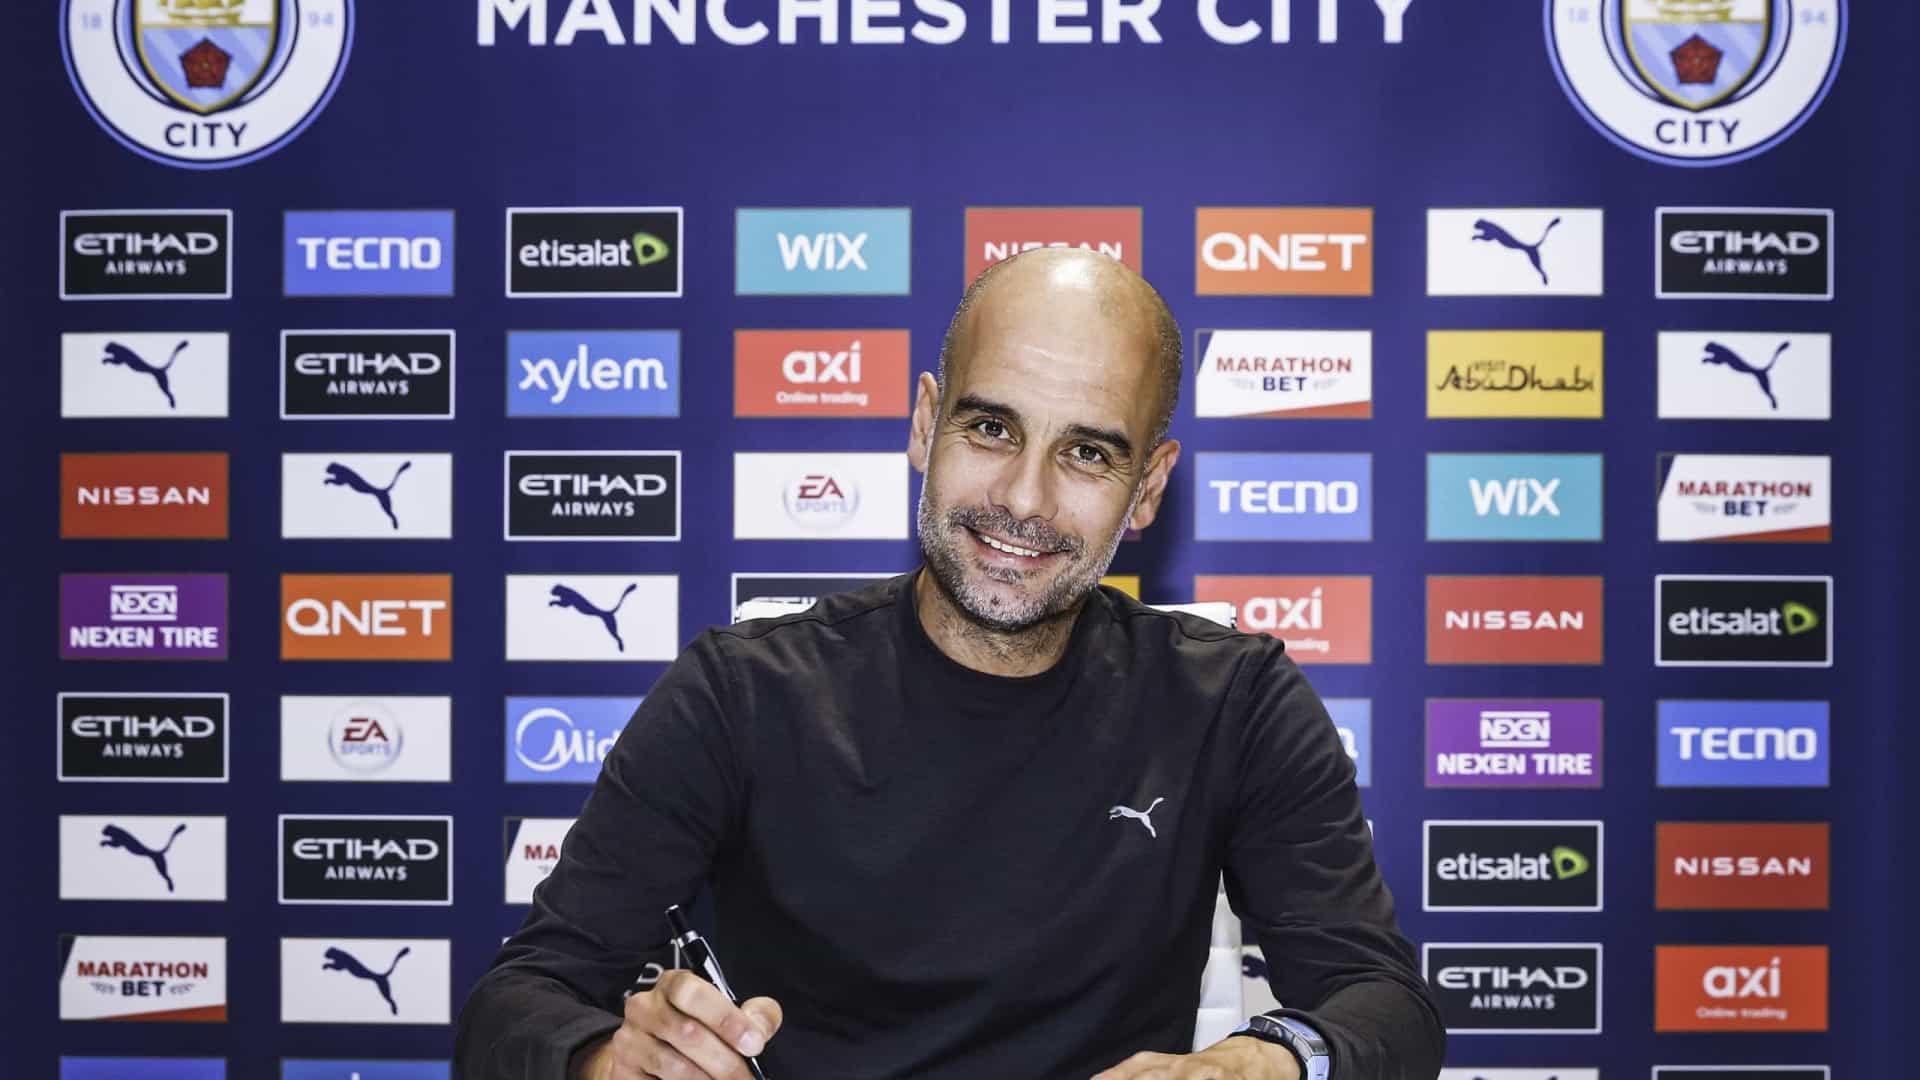 naom 5fb67398bdc13 - Manchester City anuncia a renovação de contrato do técnico Pep Guardiola até 2023